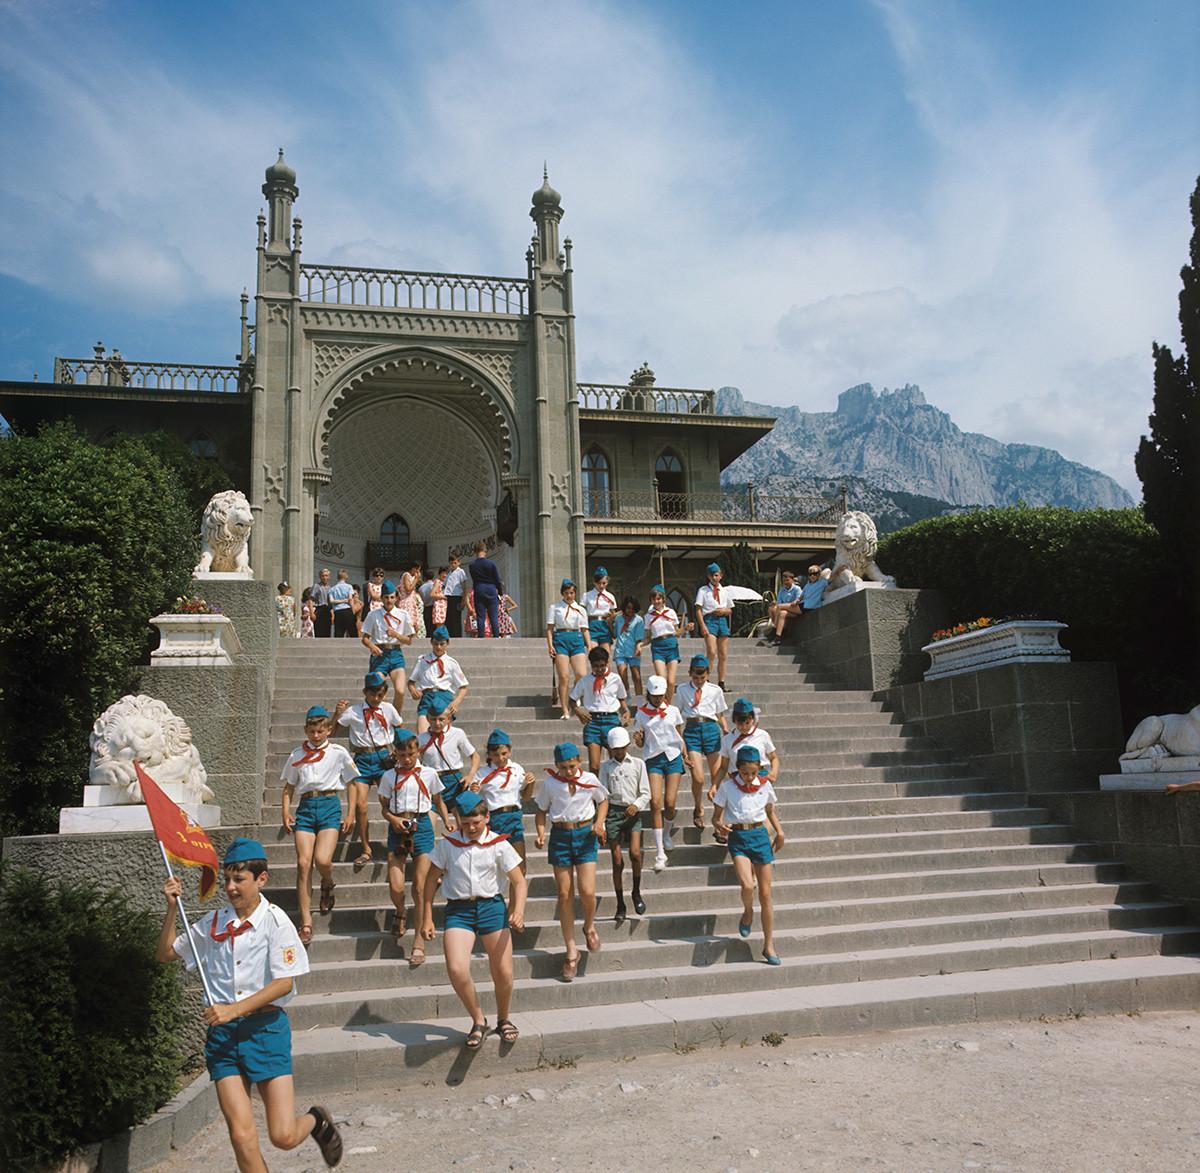 Pioneros en una excursión al Palacio de Vorontsov, Crimea, 1970.